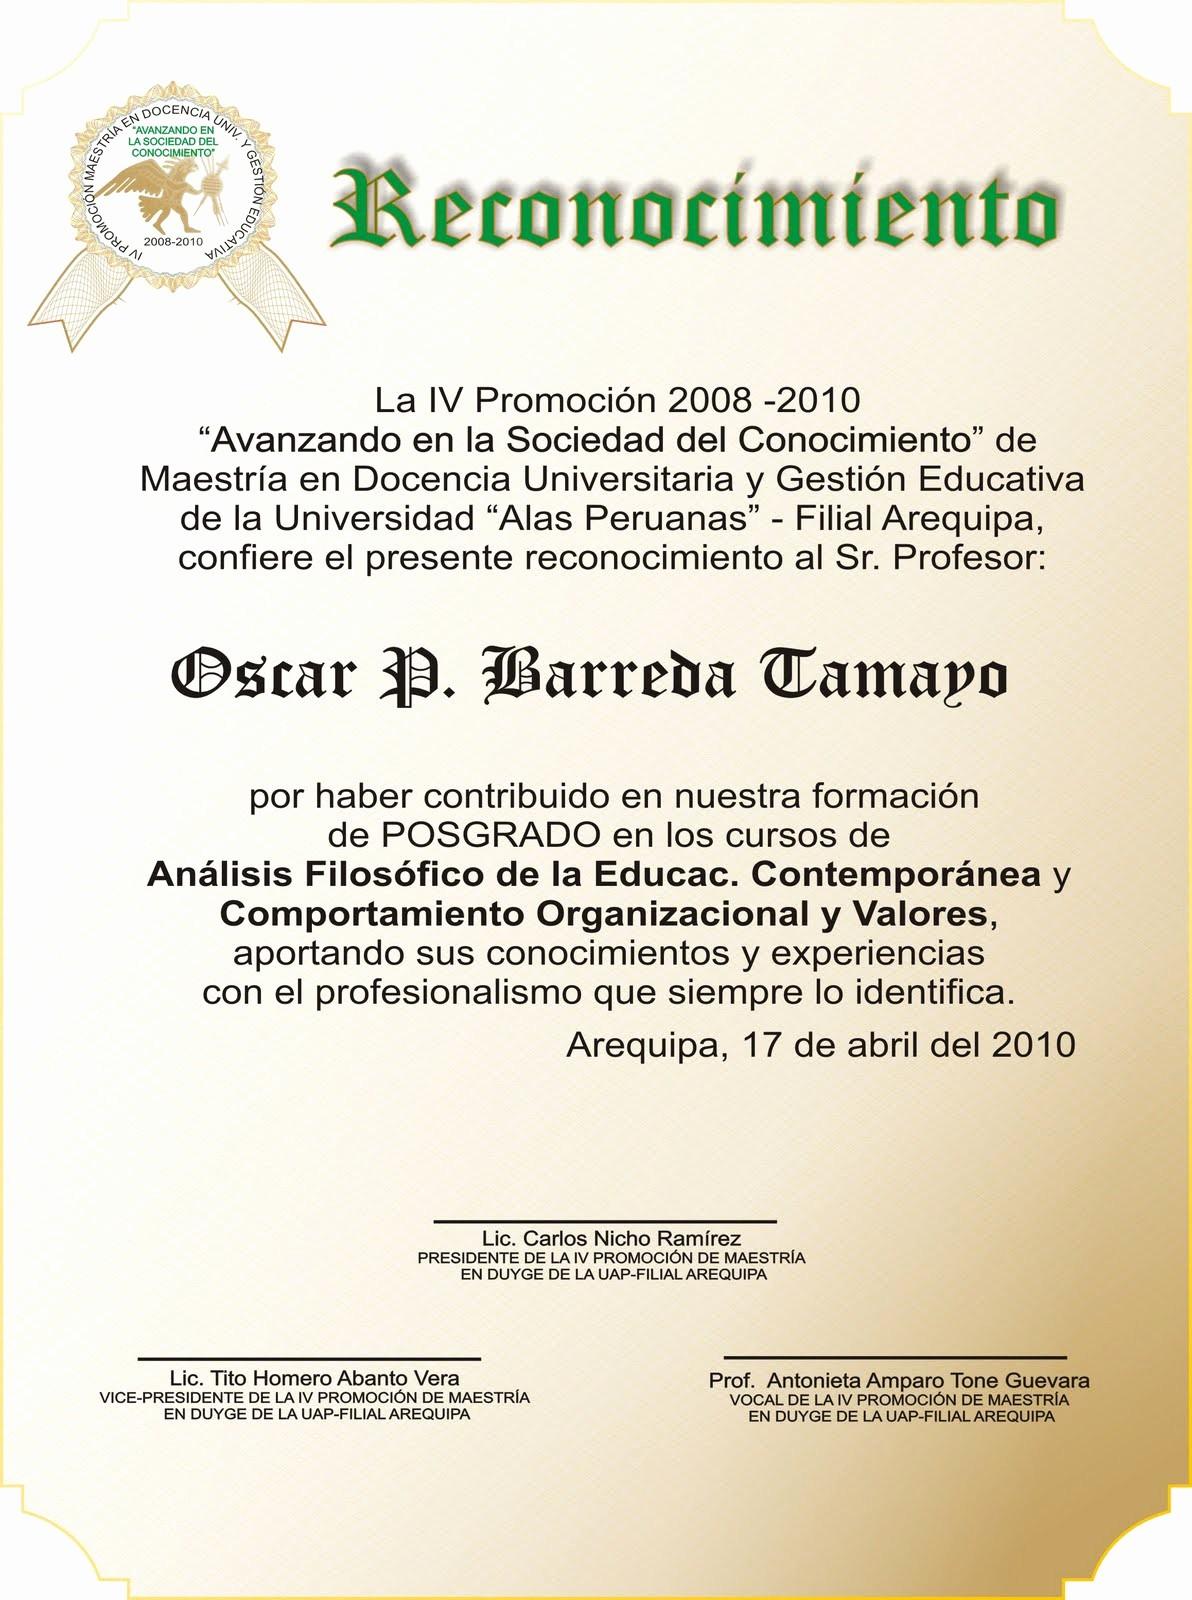 Ejemplo De Certificados De Reconocimiento Inspirational Blog De Karlitos Abril 2010